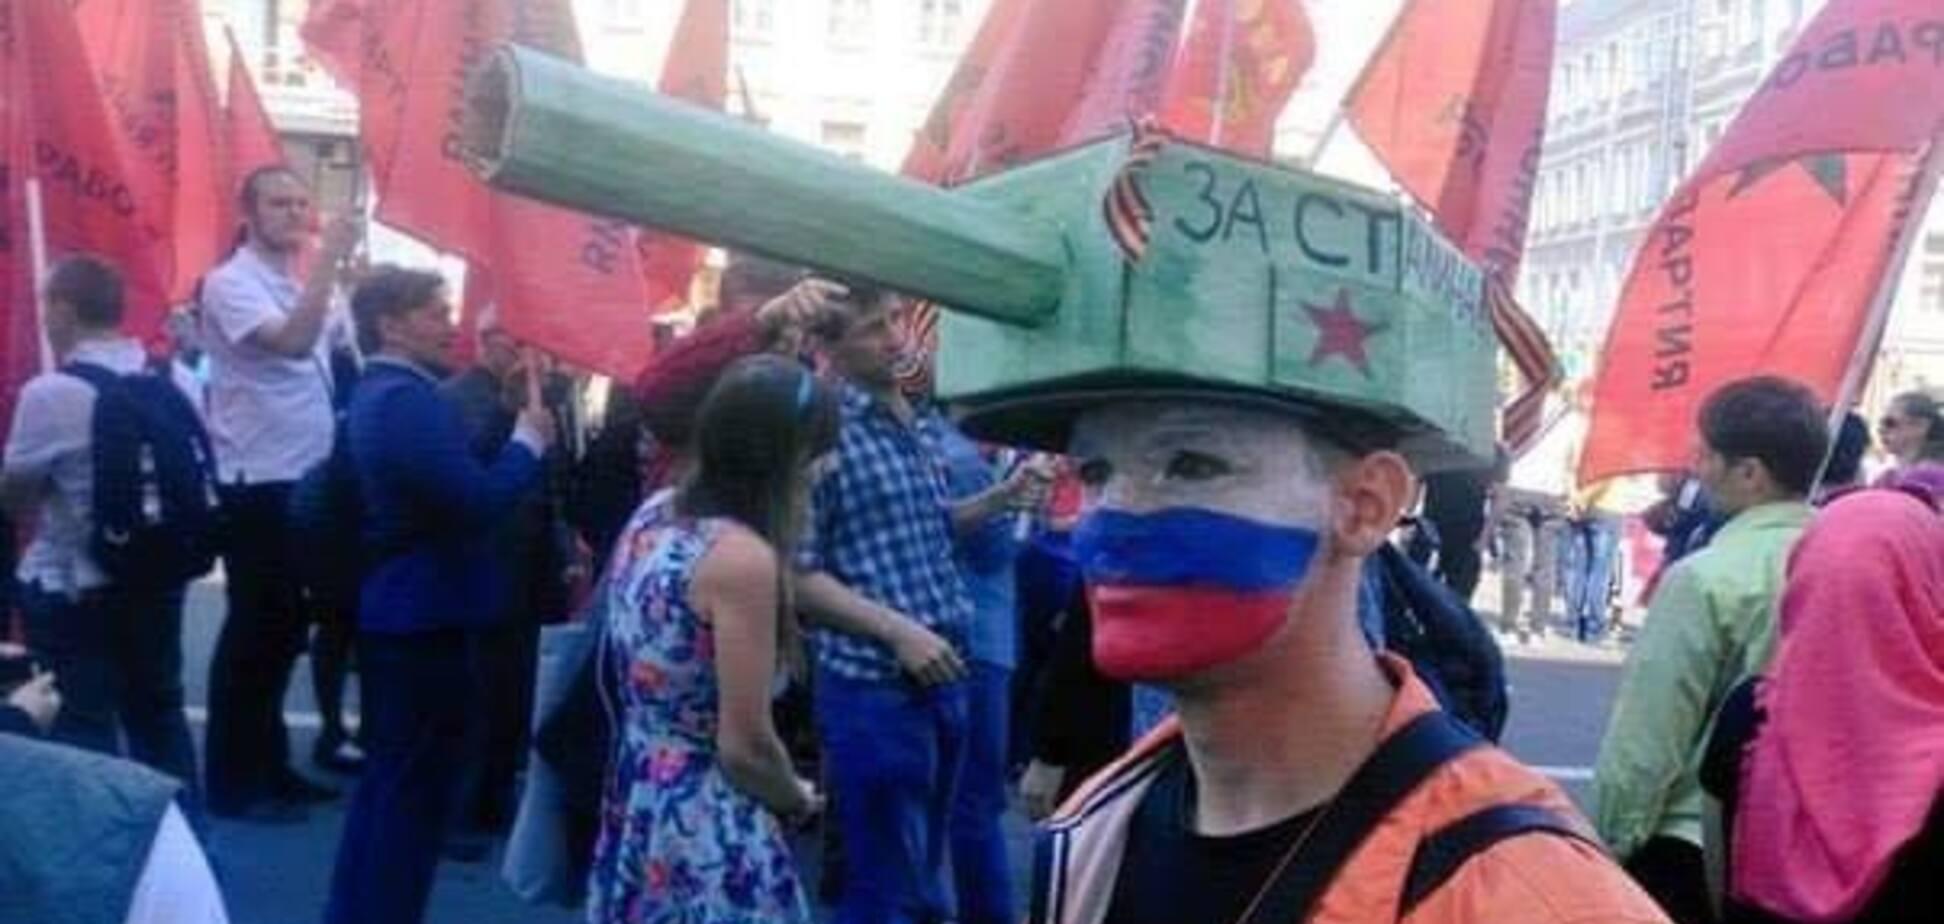 'Купи пилотку – помоги ветерану!' Сеть в шоке от пошлого празднования 9 мая в России